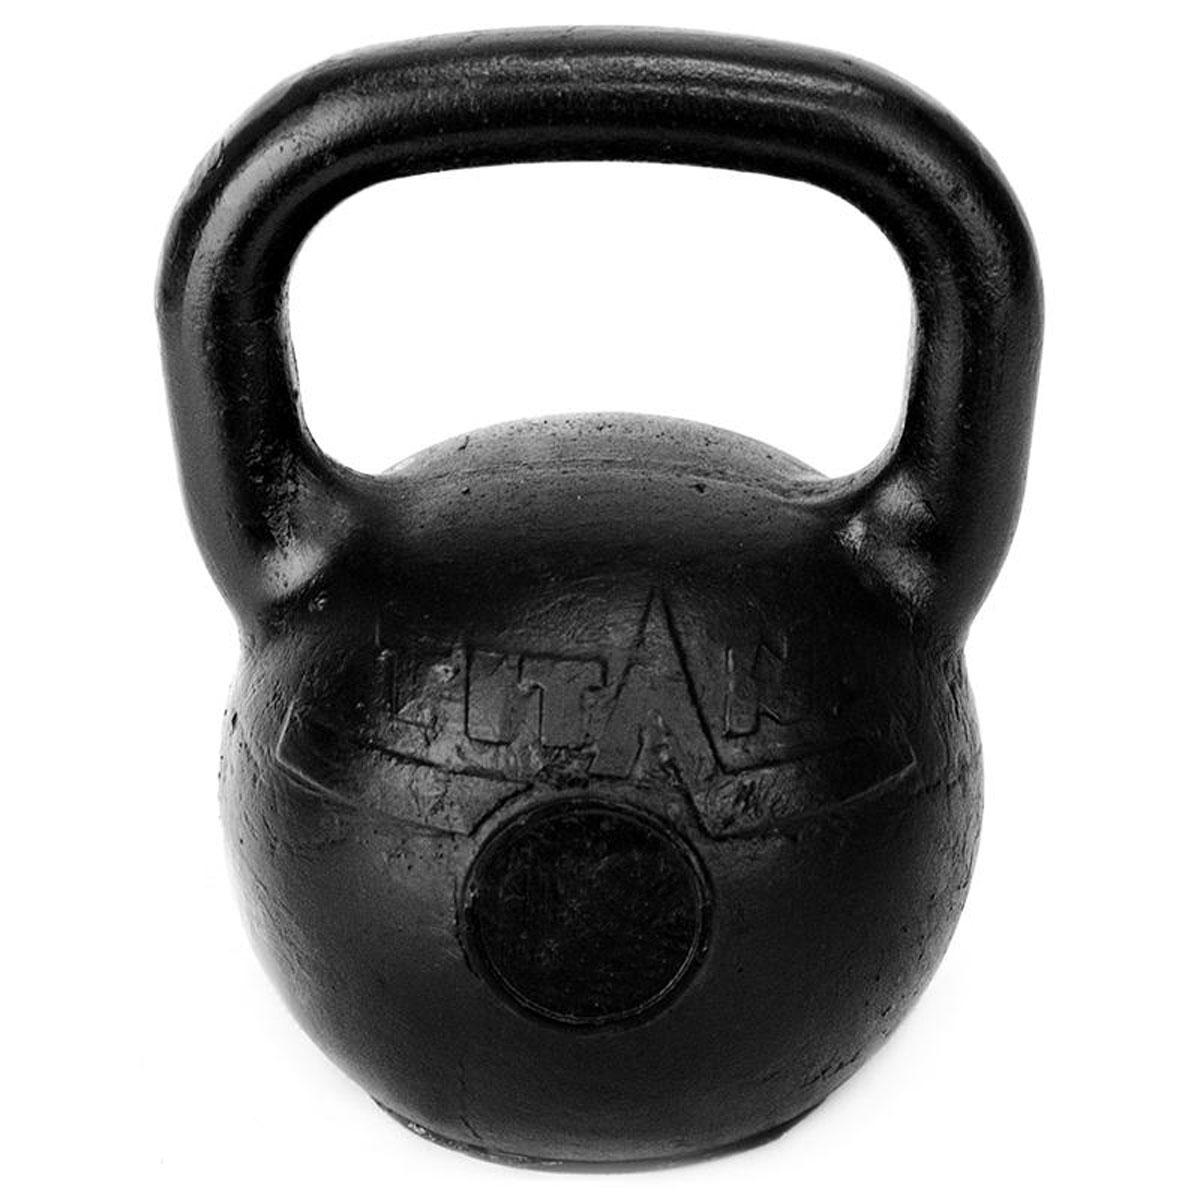 Гиря чугунная Titan, 16 кгTITAN-16Гиря Titan выполнена из высококачественного прочного чугуна. Эргономичная рукоятка не скользит в руке, обеспечивая надежный хват. Чугунная гиря прочна, долговечна, устойчива к коррозии и температурам, поэтому является одними из самых популярных спортивных снарядов. Гири - это самое простое и самое гениальное спортивное оборудование для развития мышечной массы. Правильно поставленные тренировки с ними позволяют не только нарастить мышечную массу, но и развить повышенную выносливость, укрепляют сердечнососудистую систему и костно-мышечный аппарат. Вес гири: 16 кг.